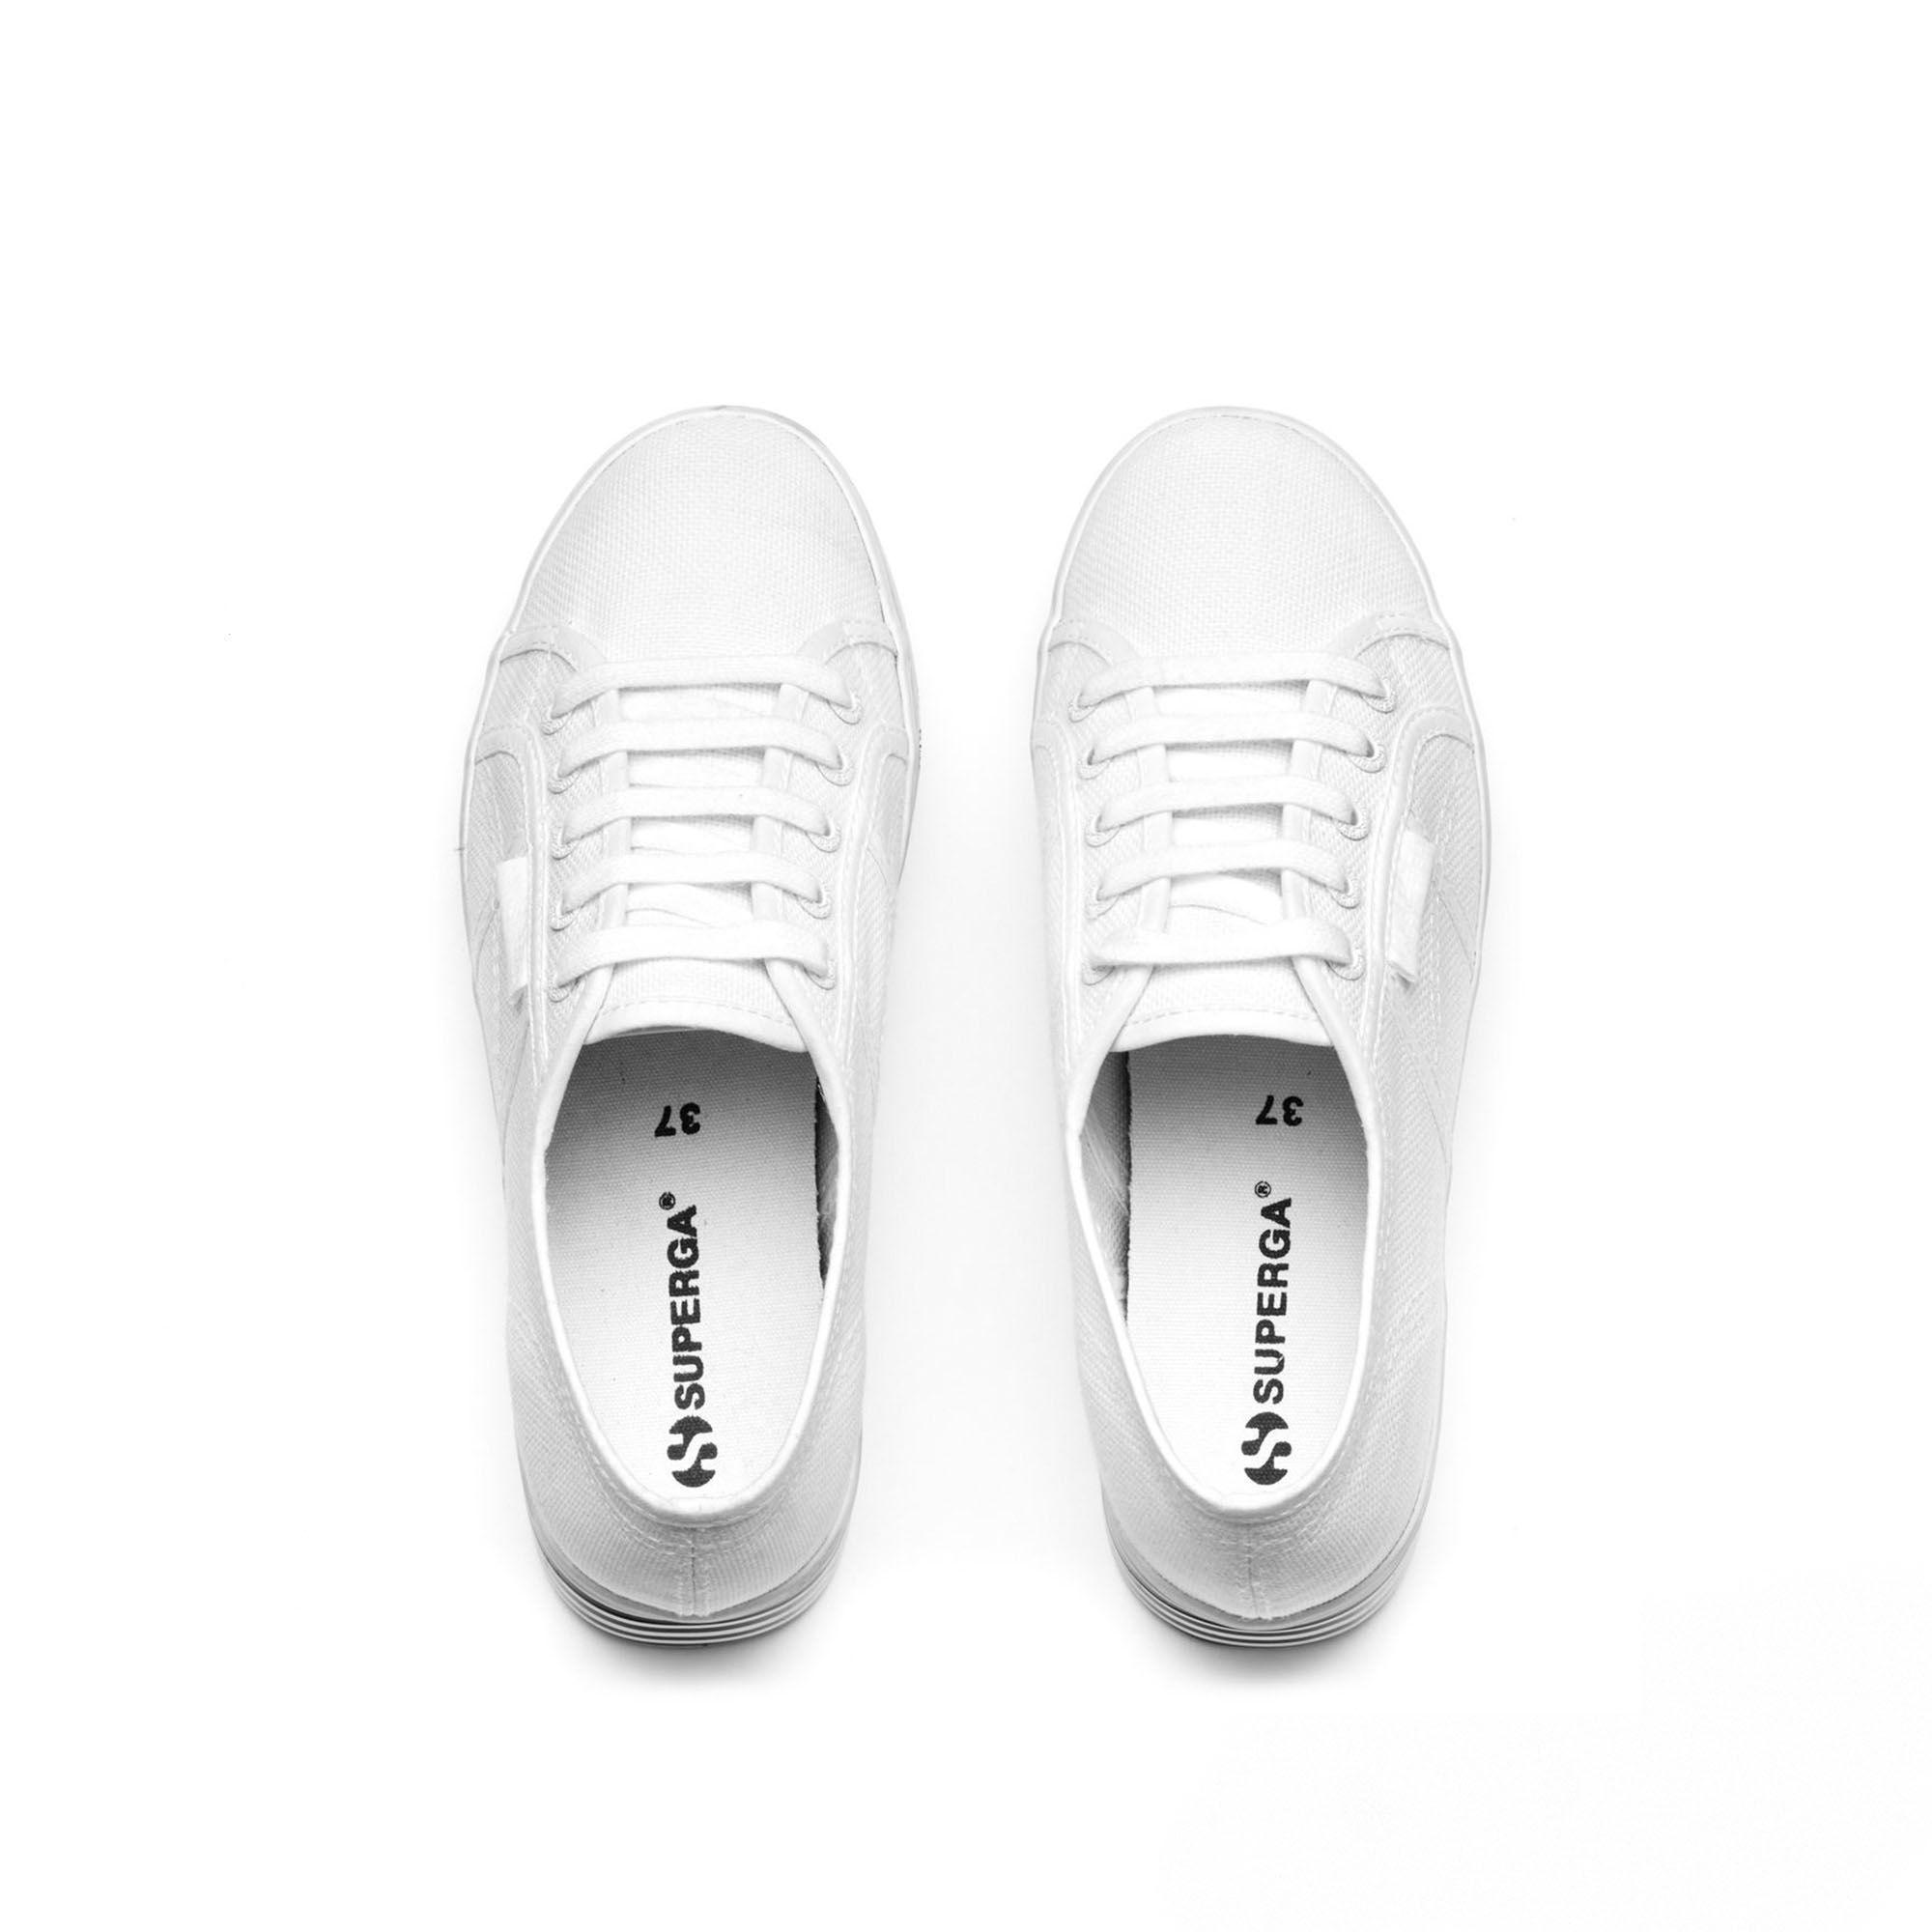 2790-MULTICOLOR COTW - White-Black White